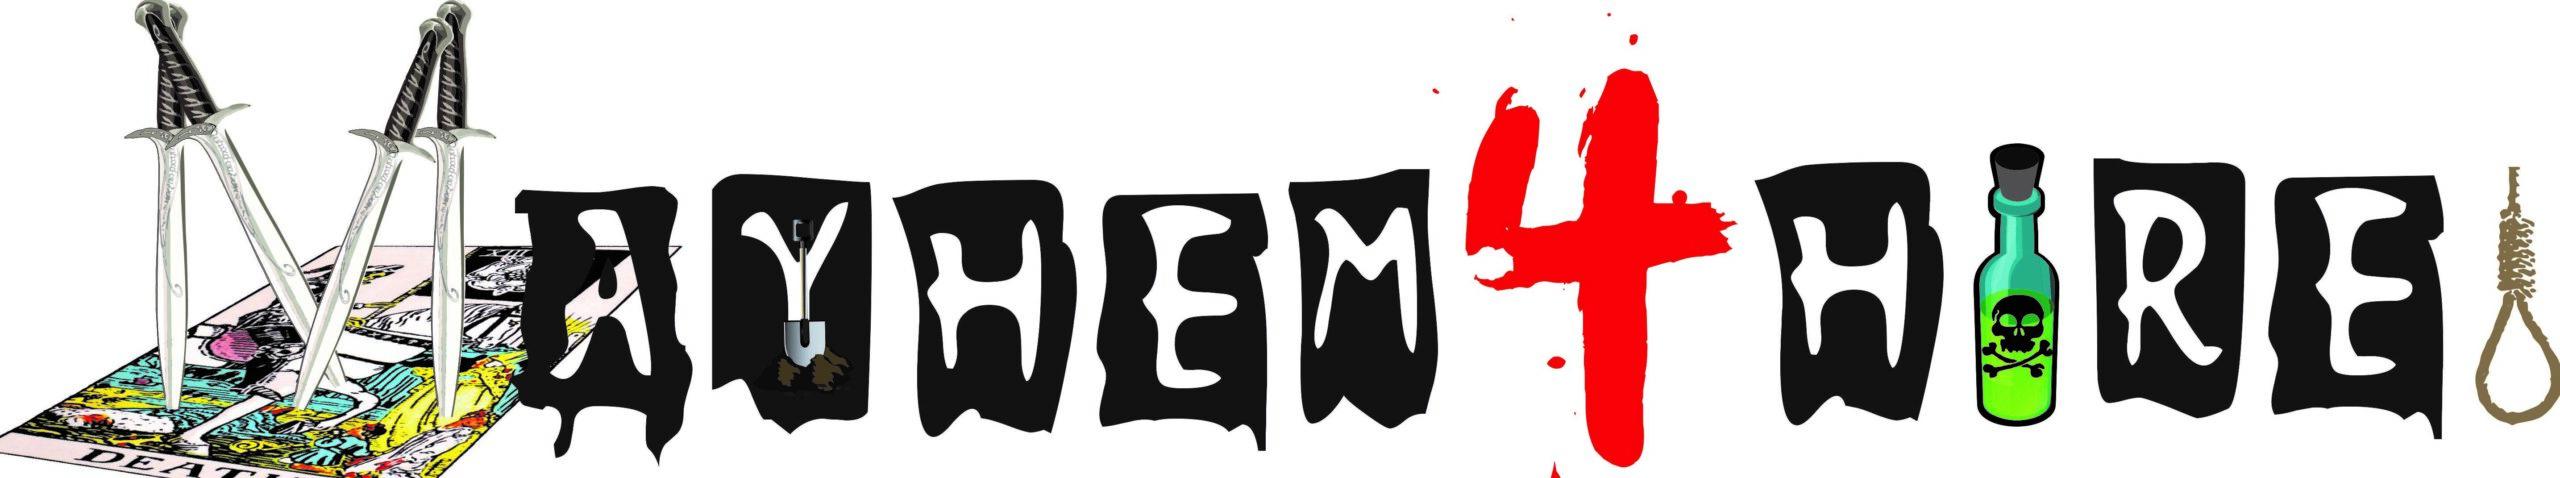 Mayhem4Hire.com